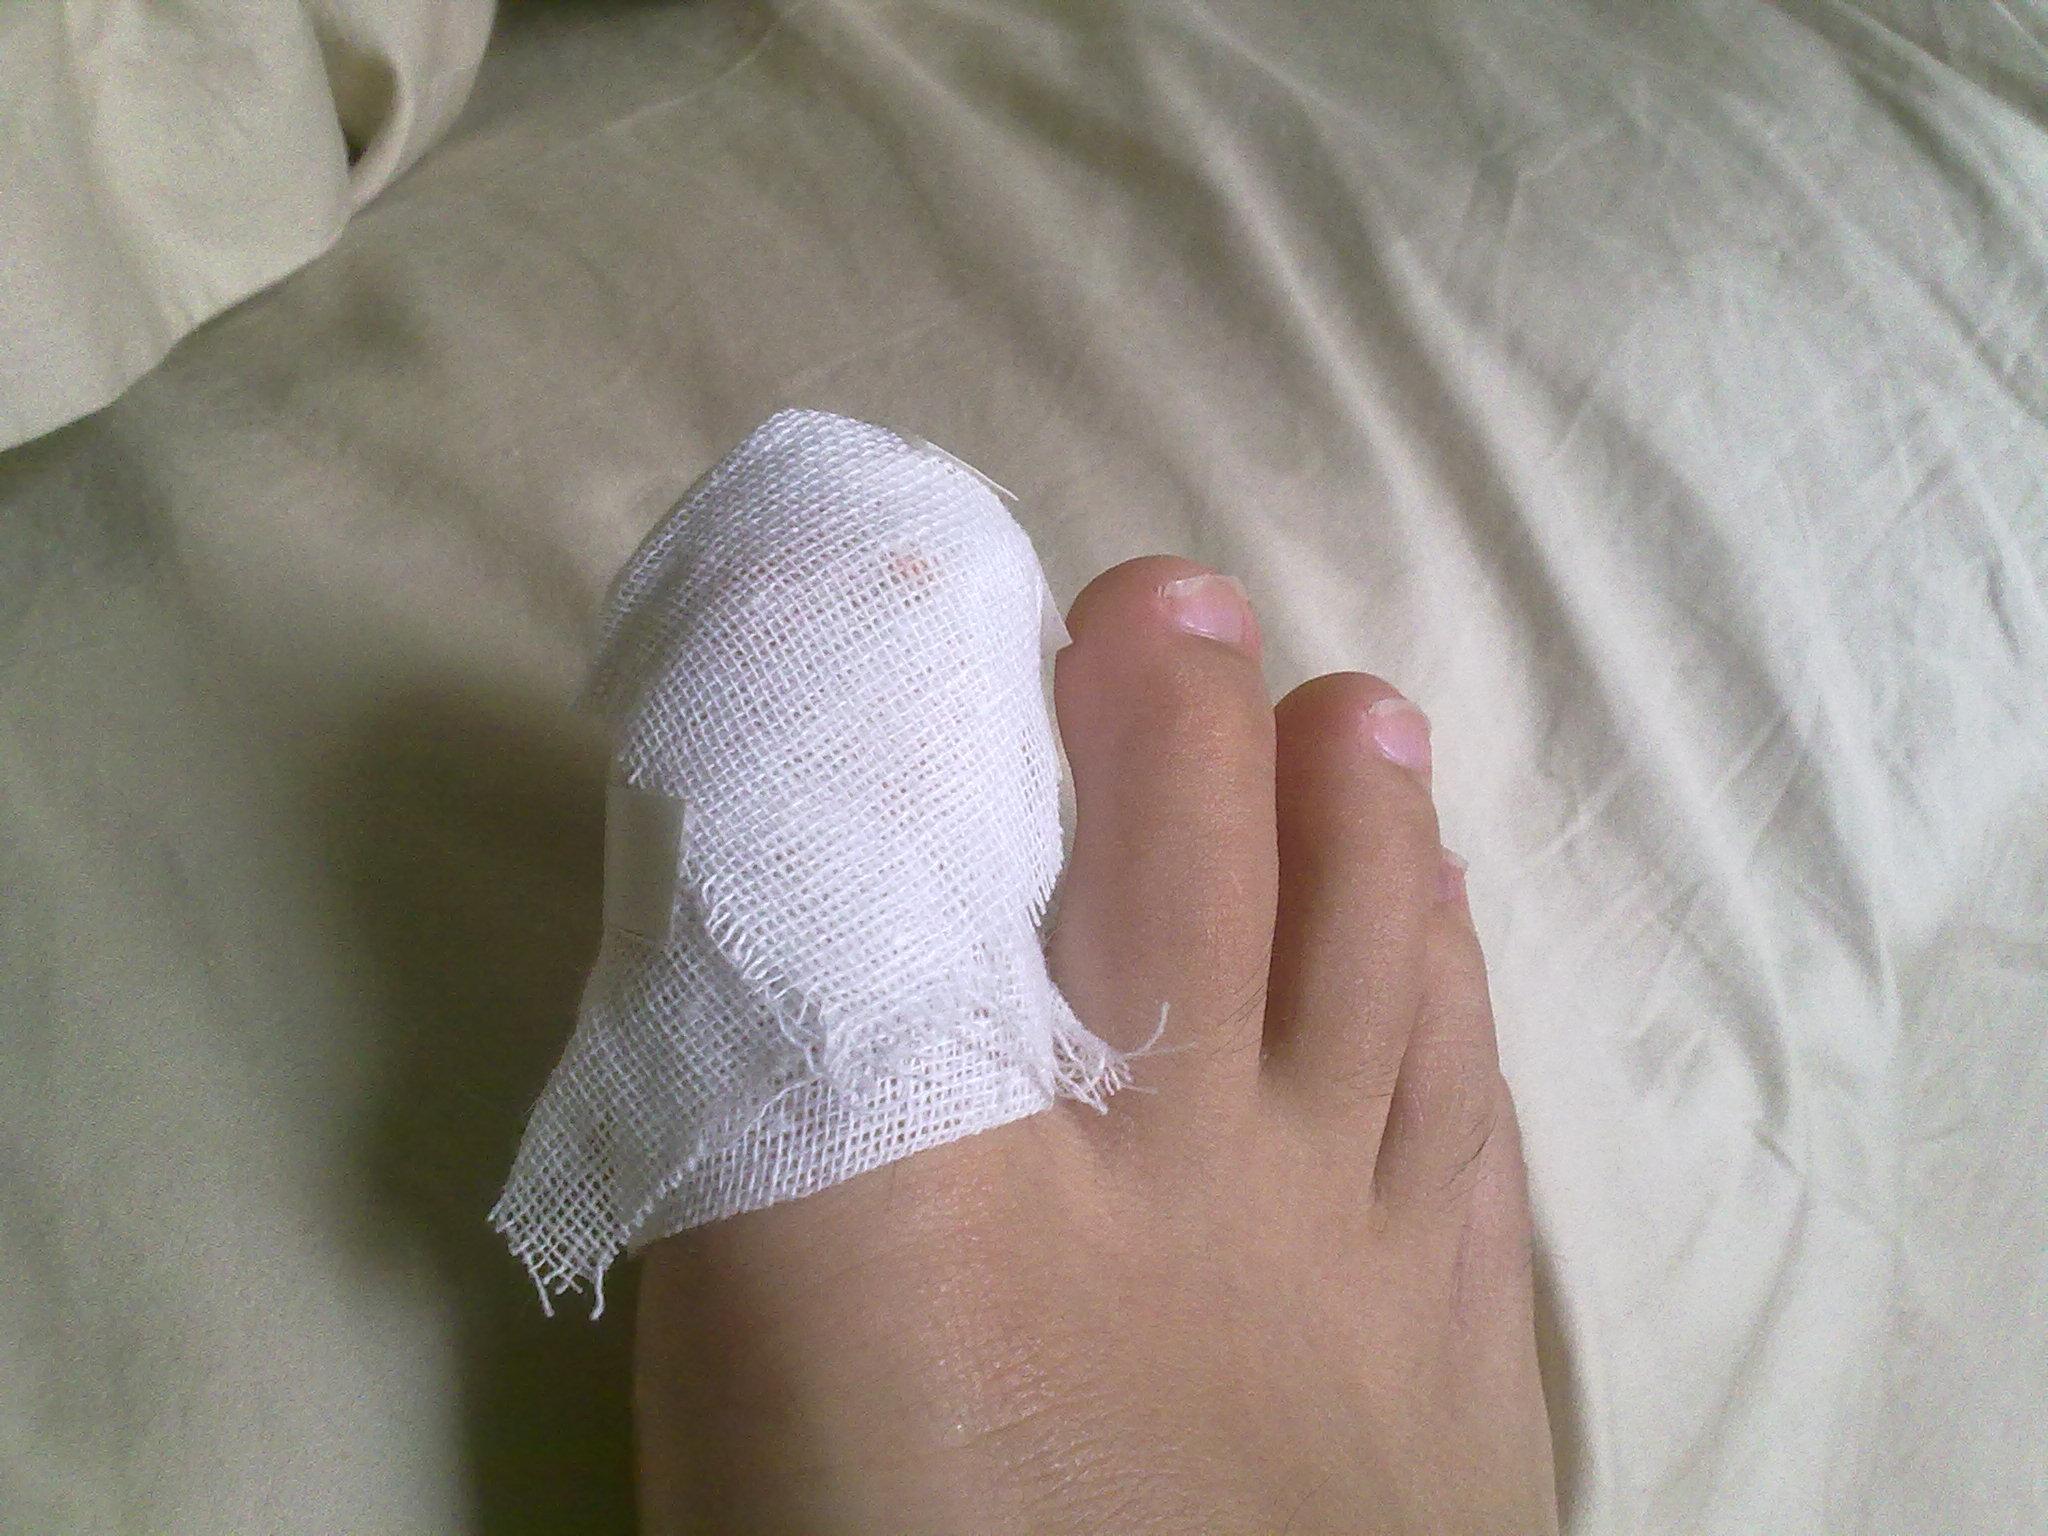 婴儿脚趾畸形 因裹足脚趾畸形图片高清图片